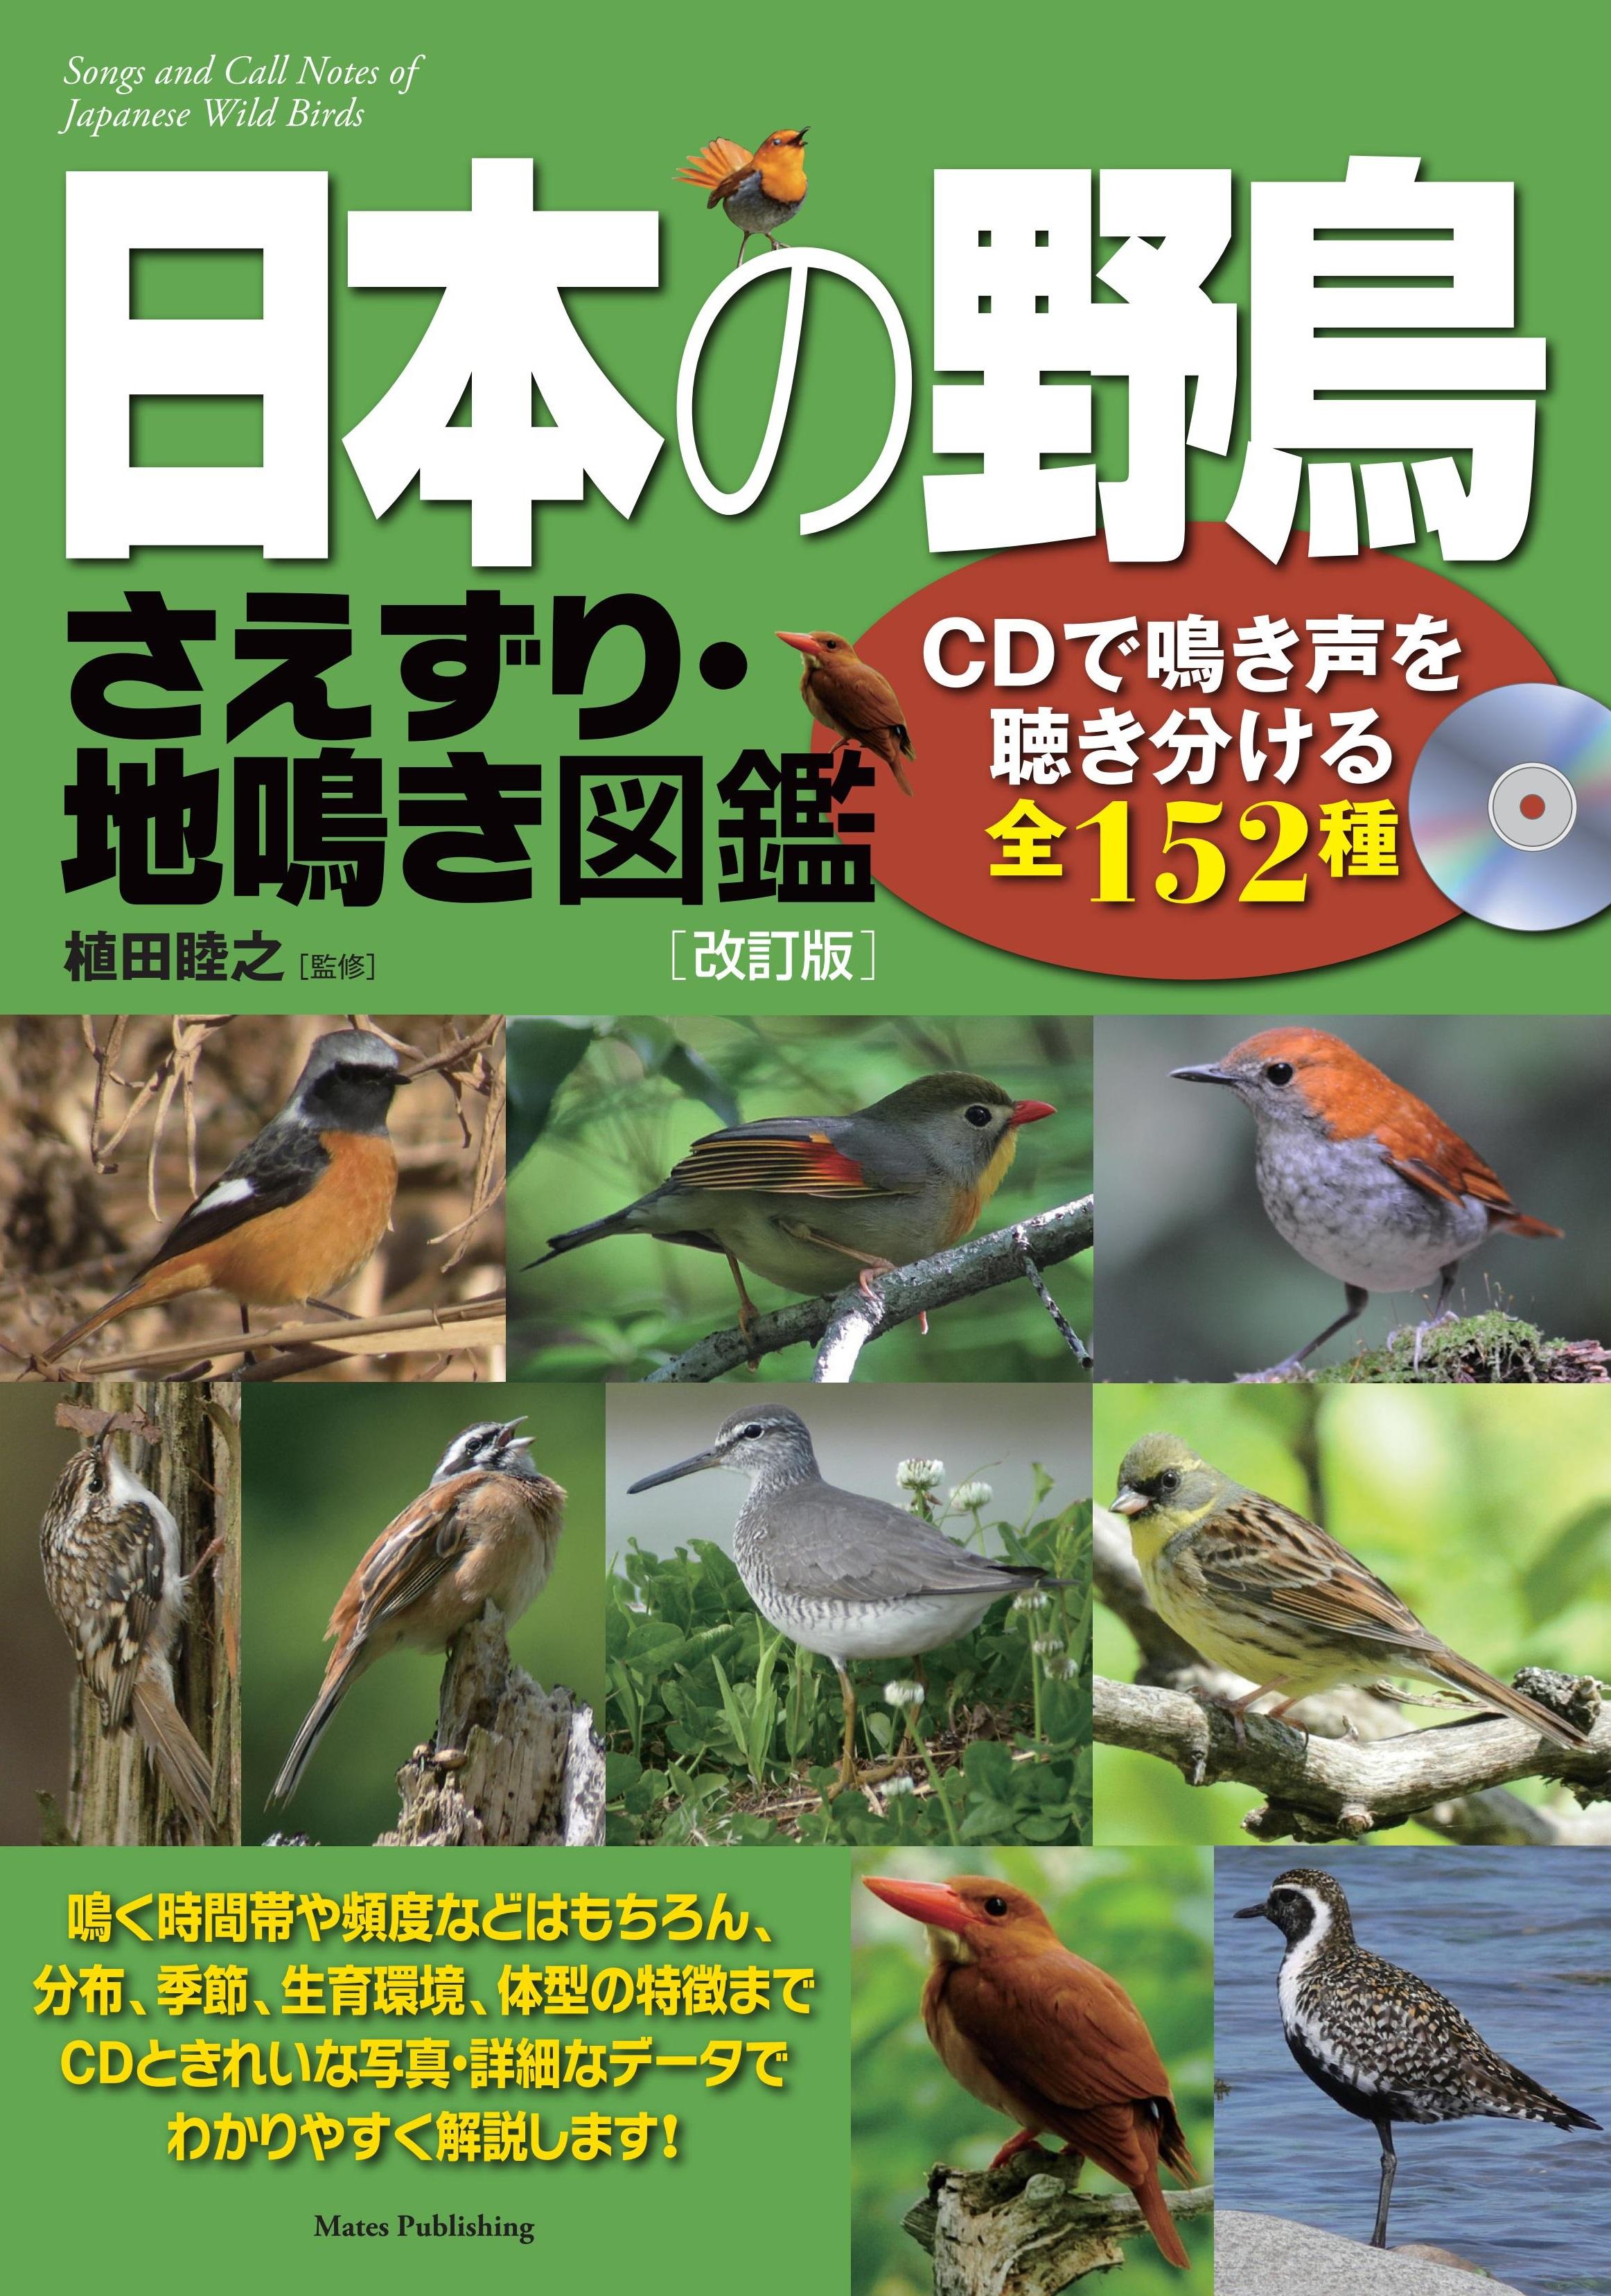 日本の野鳥 さえずり・地鳴き図鑑 ~CDで鳴き声を聴き分ける 全152種~ 改訂版